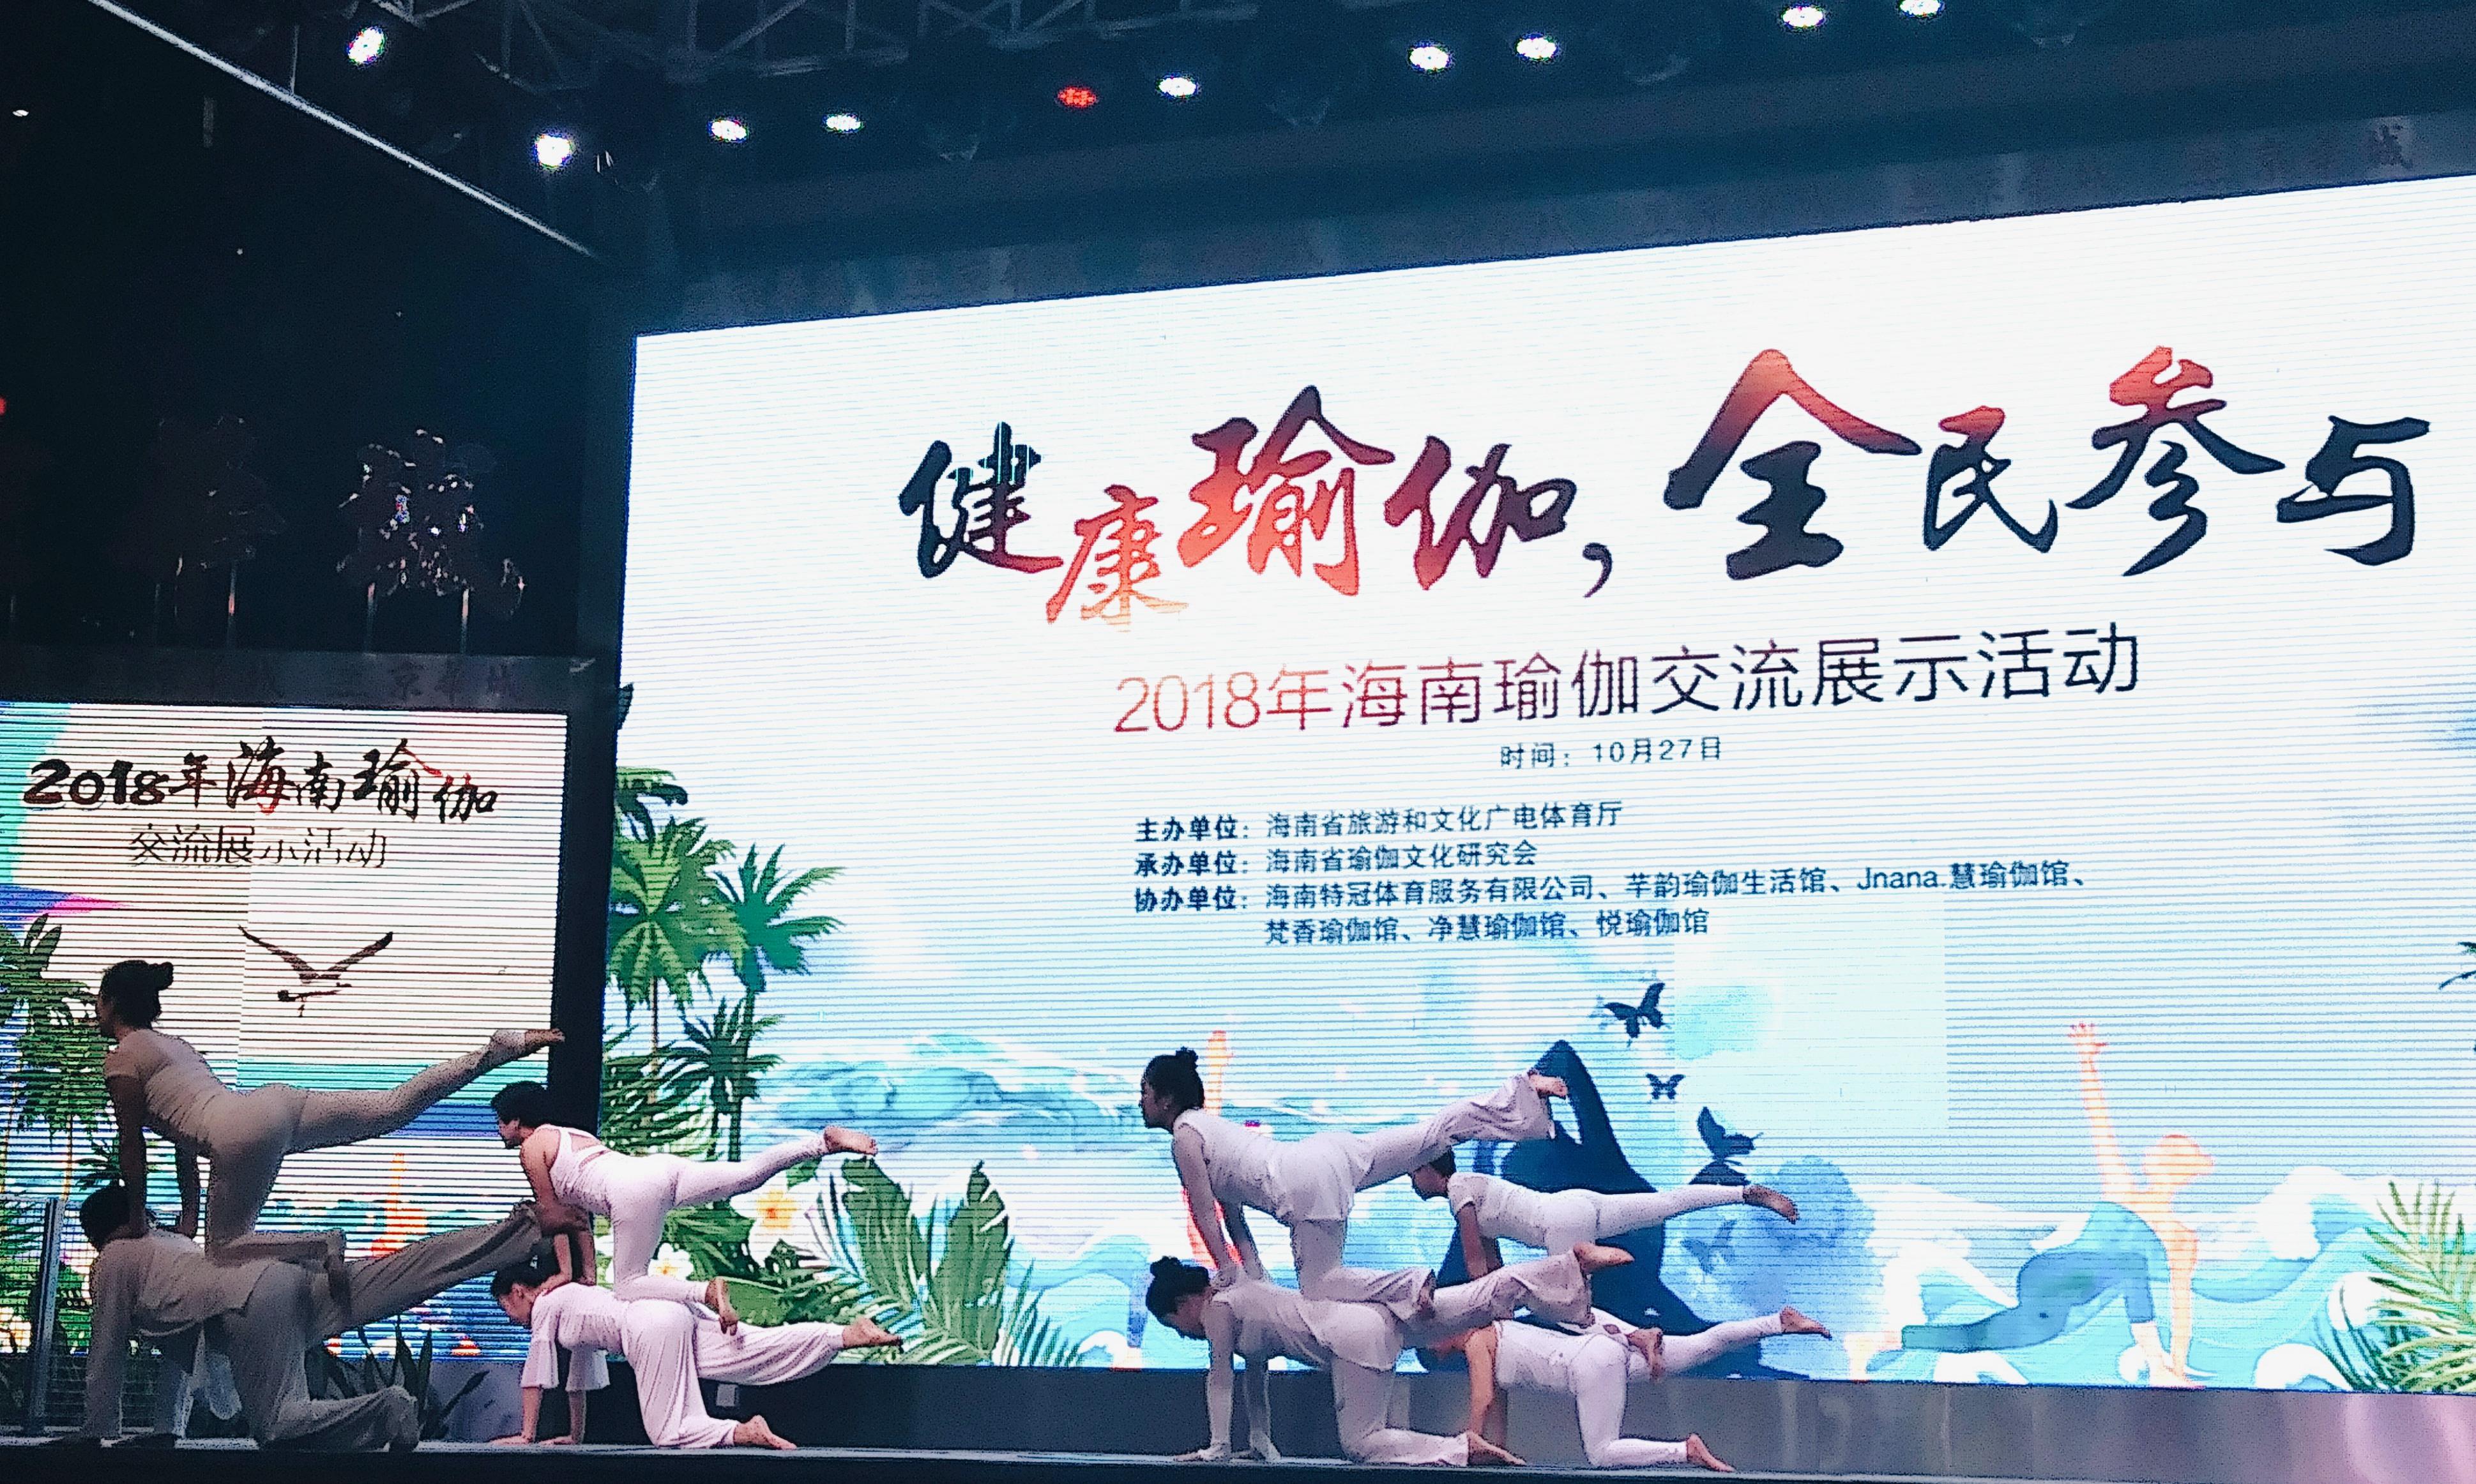 2018海南瑜伽交流展示活动在海口举行  超10种瑜伽授课展演200余人参加